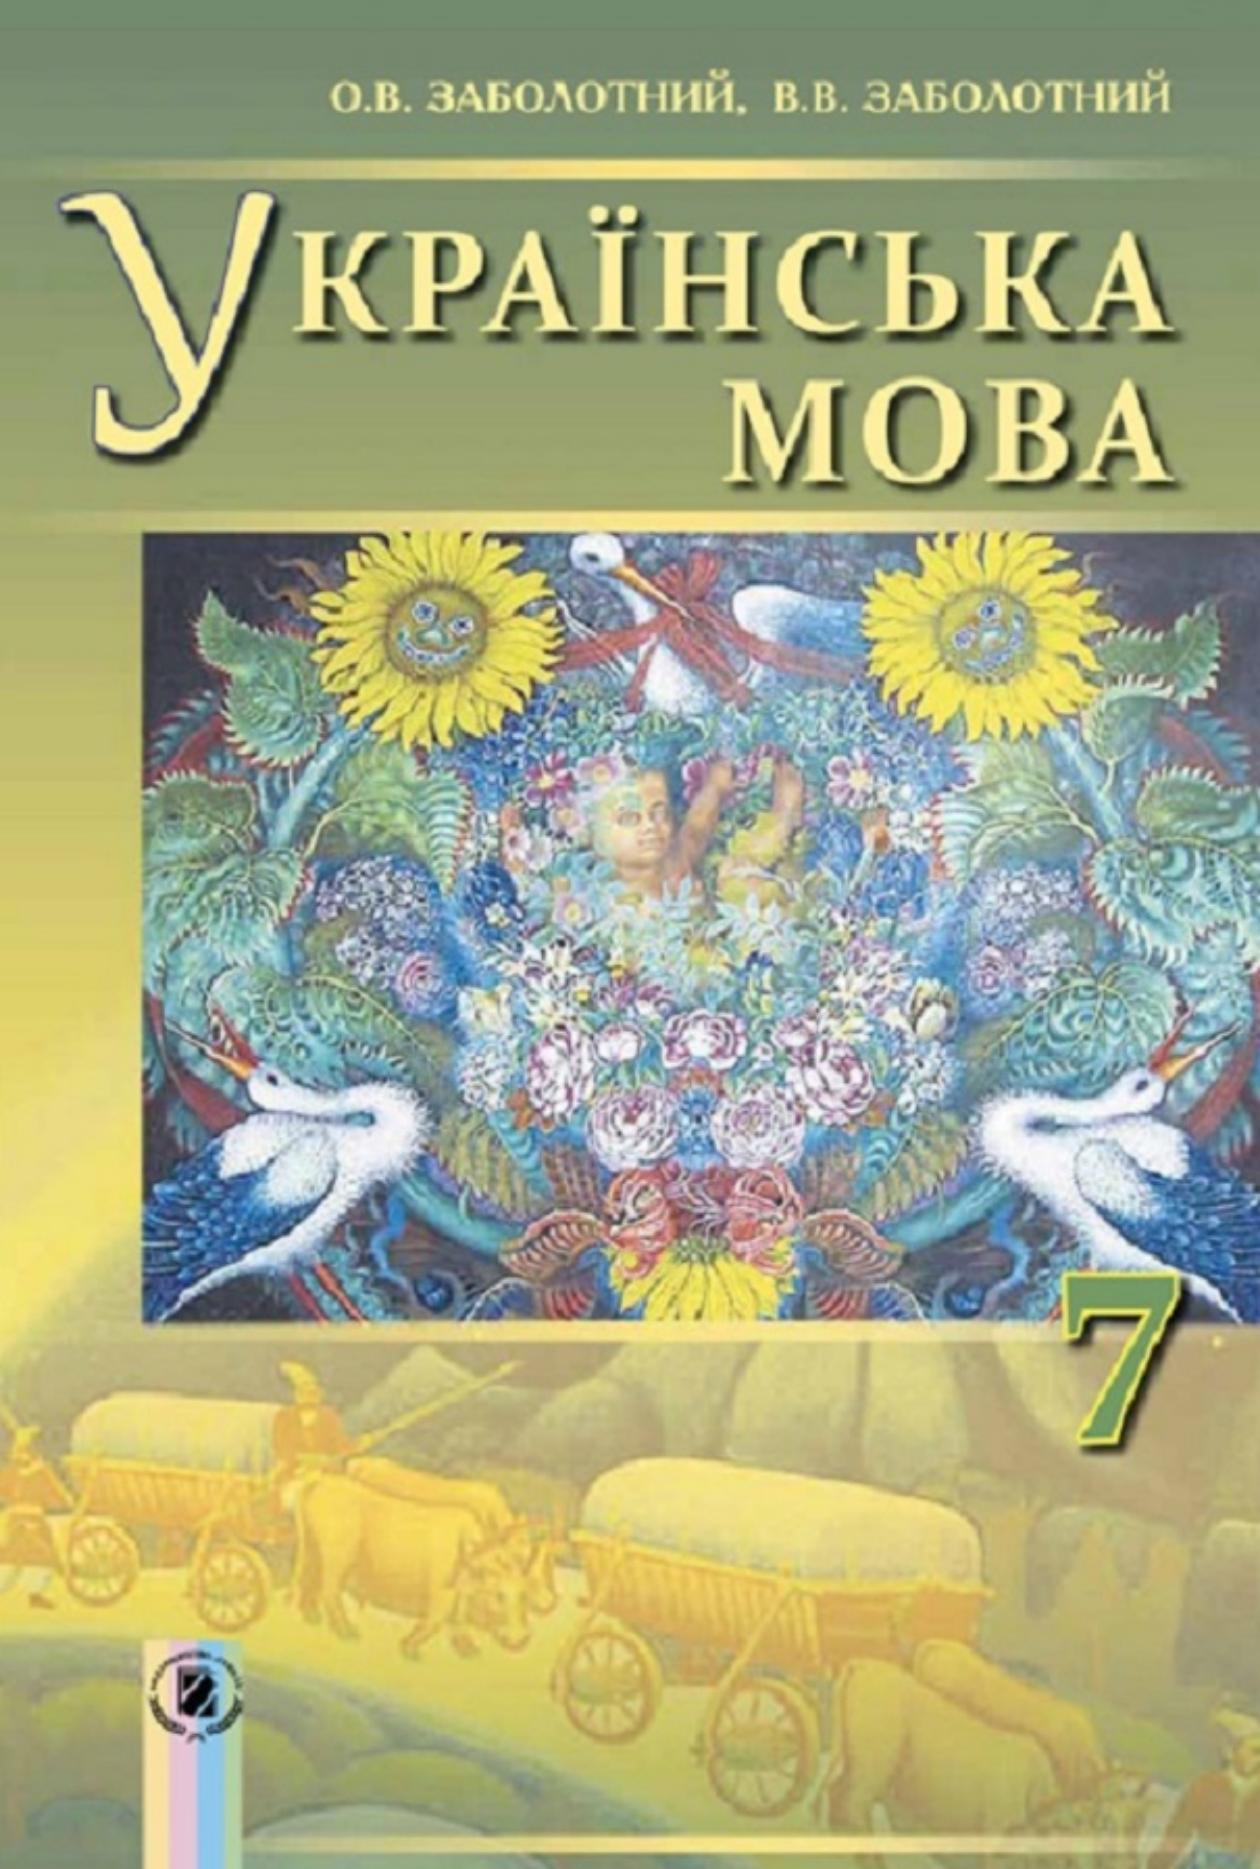 Гдз з української мови 7 класс